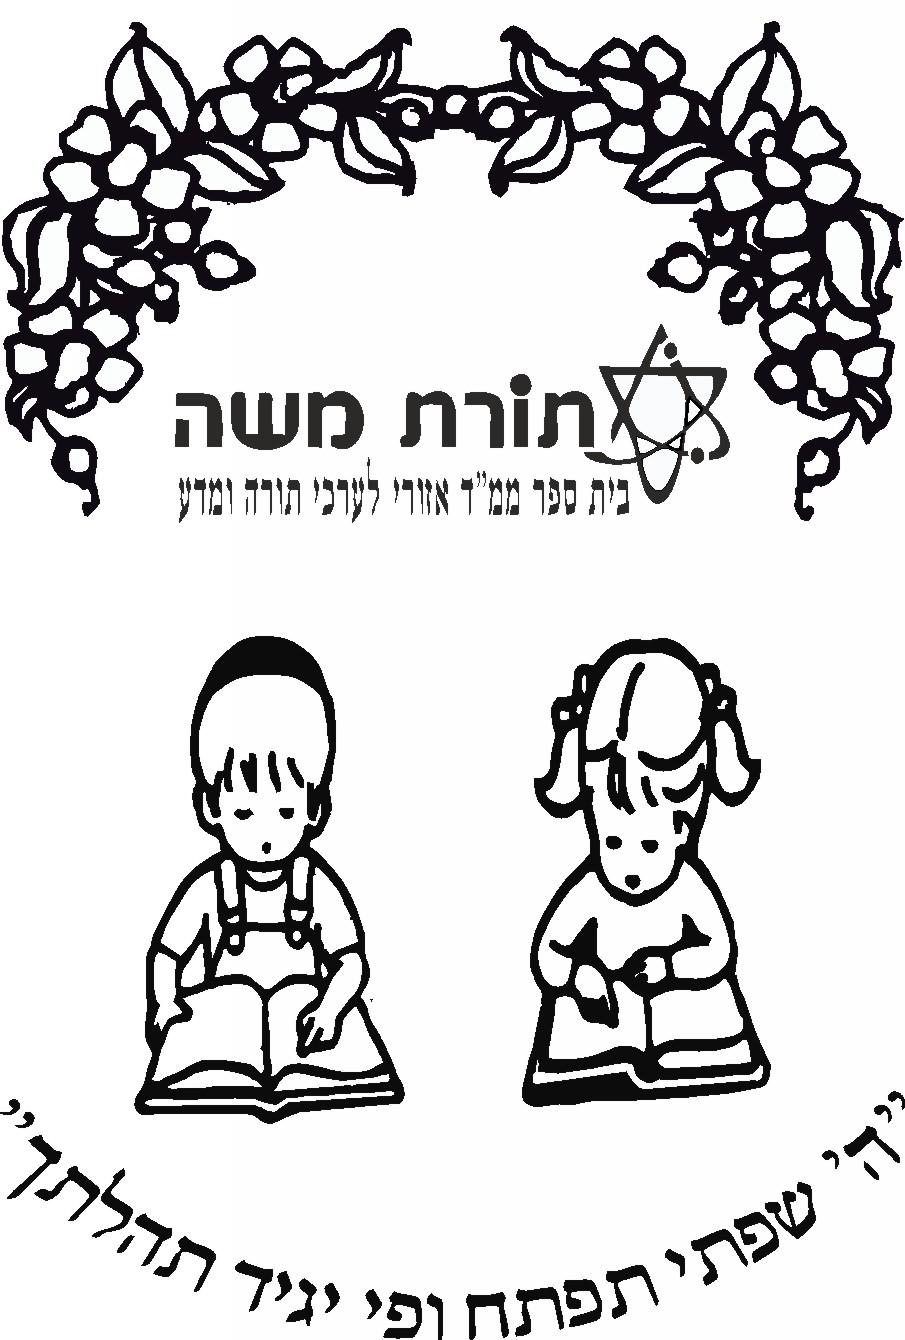 עטיפות לסידור בית ספר תורת משה-מושב חמד